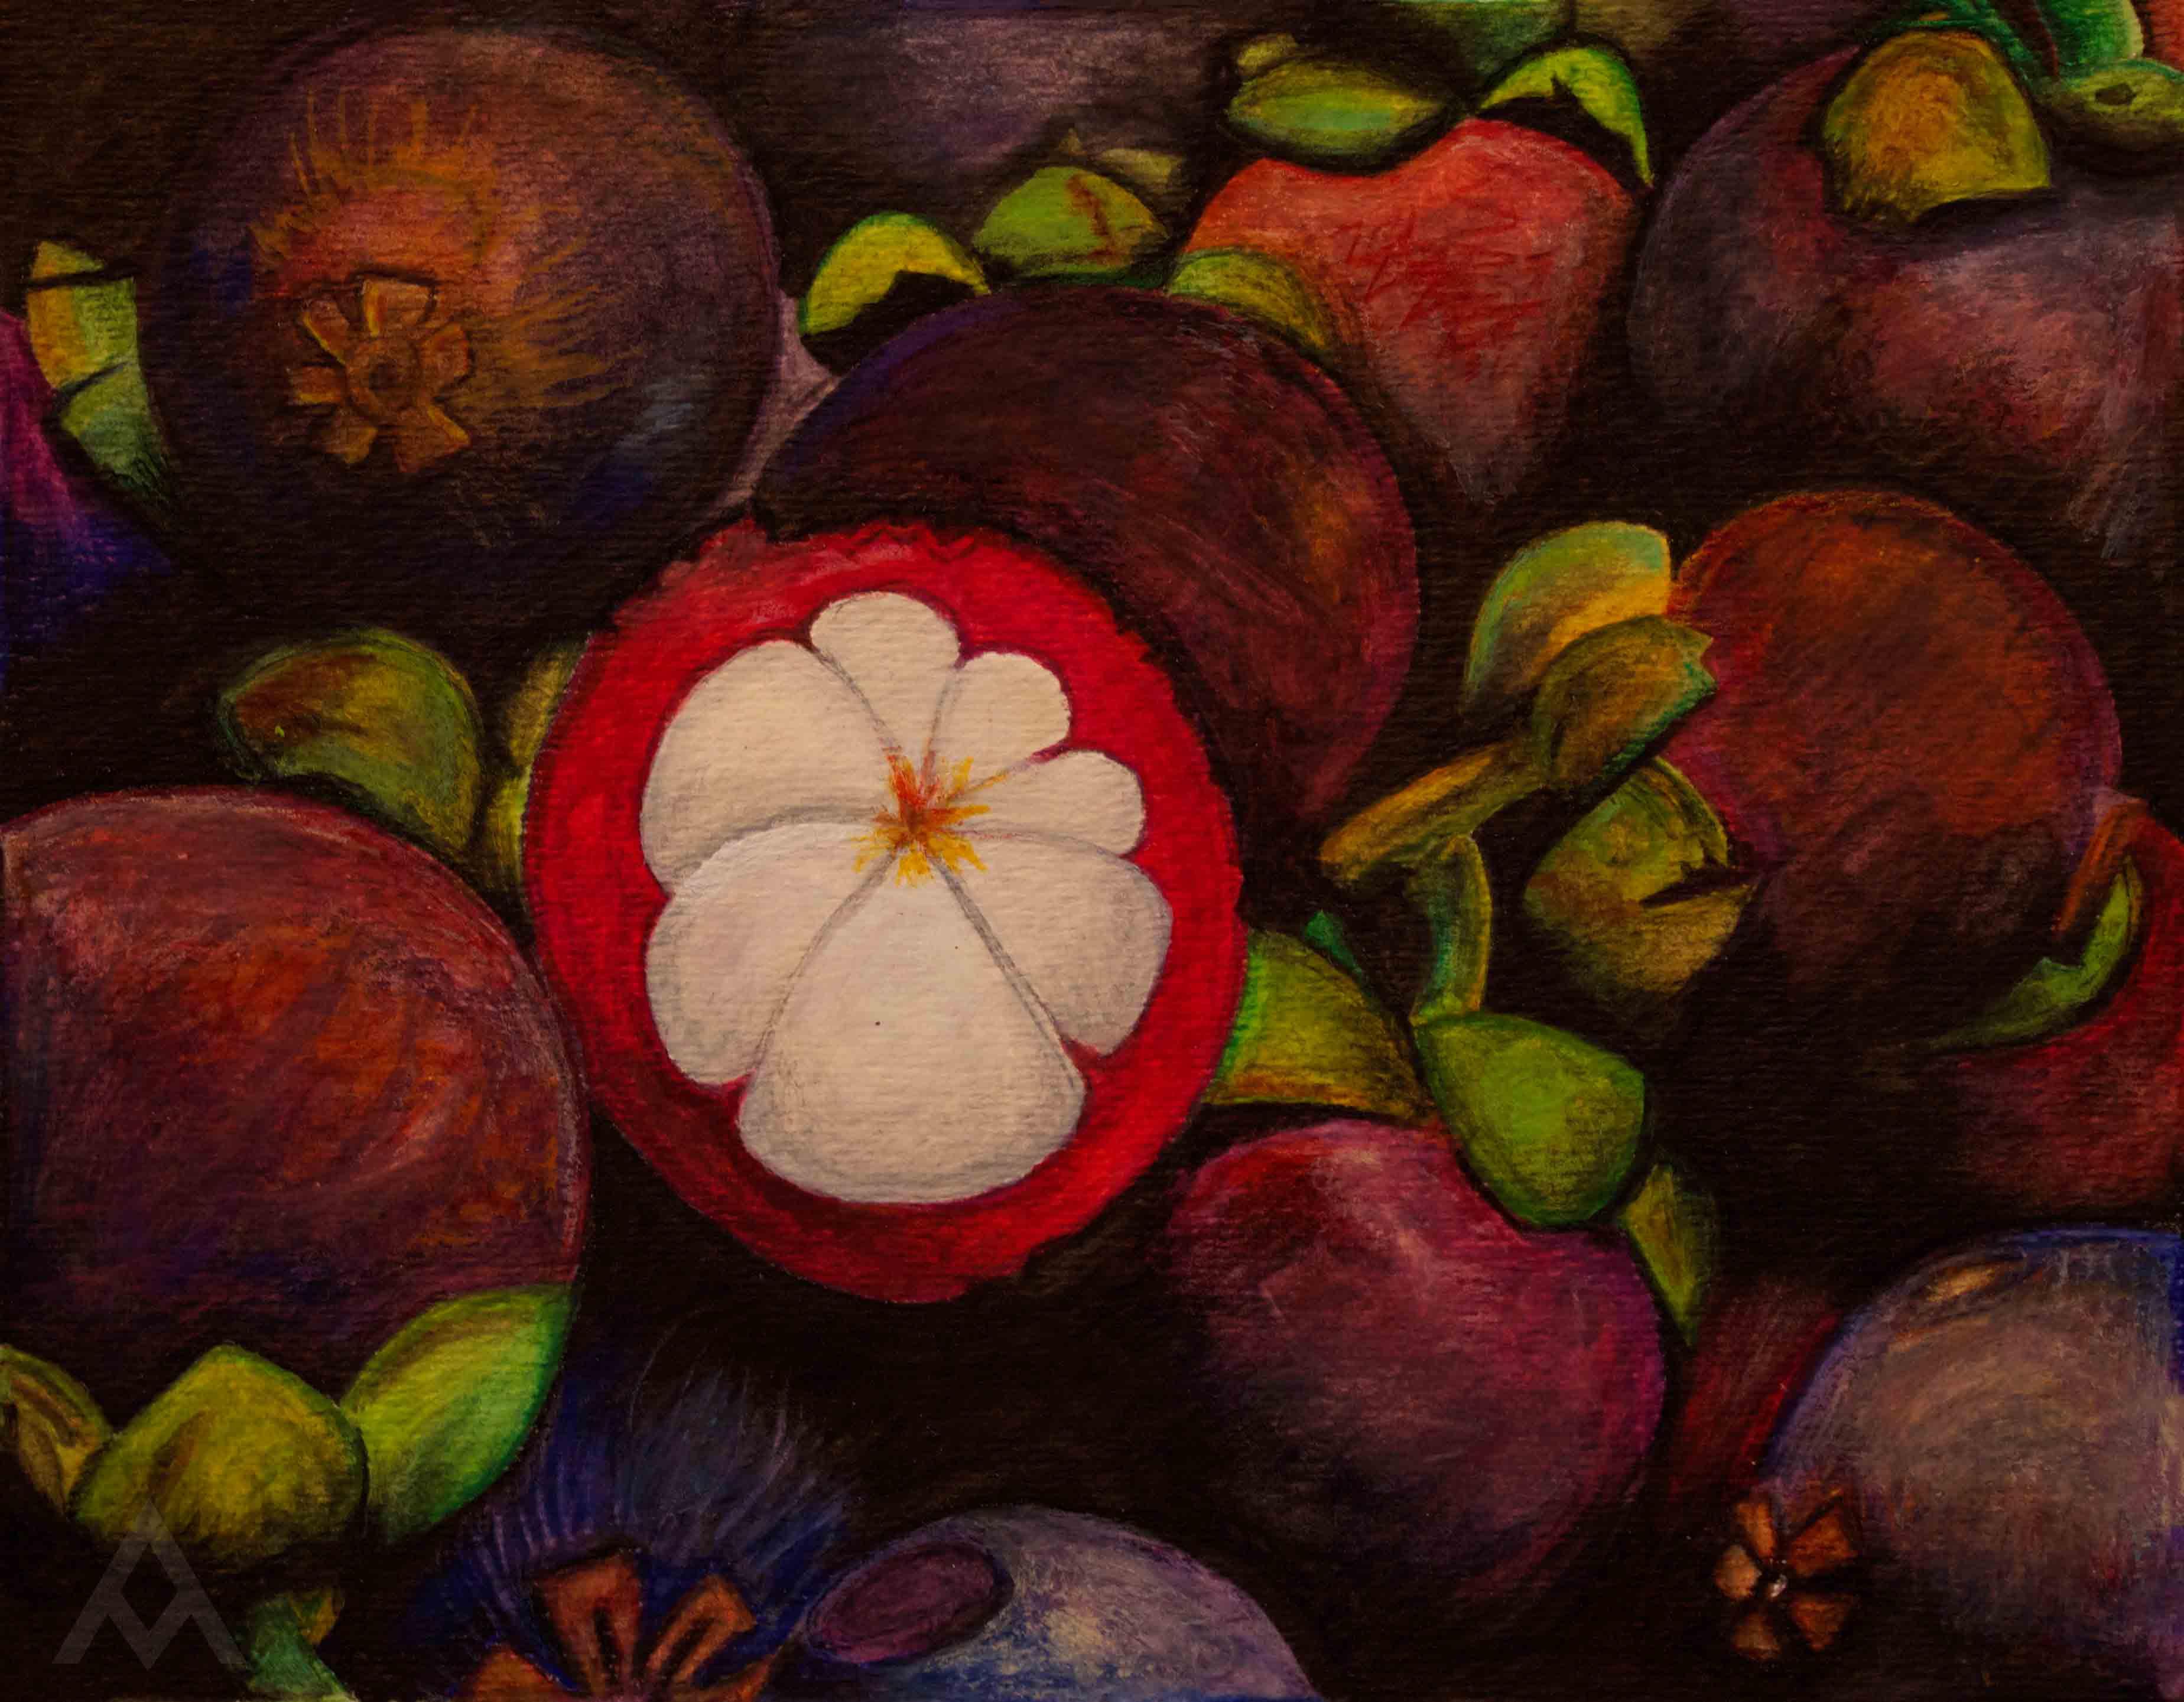 THE QUEEN OF FRUIT